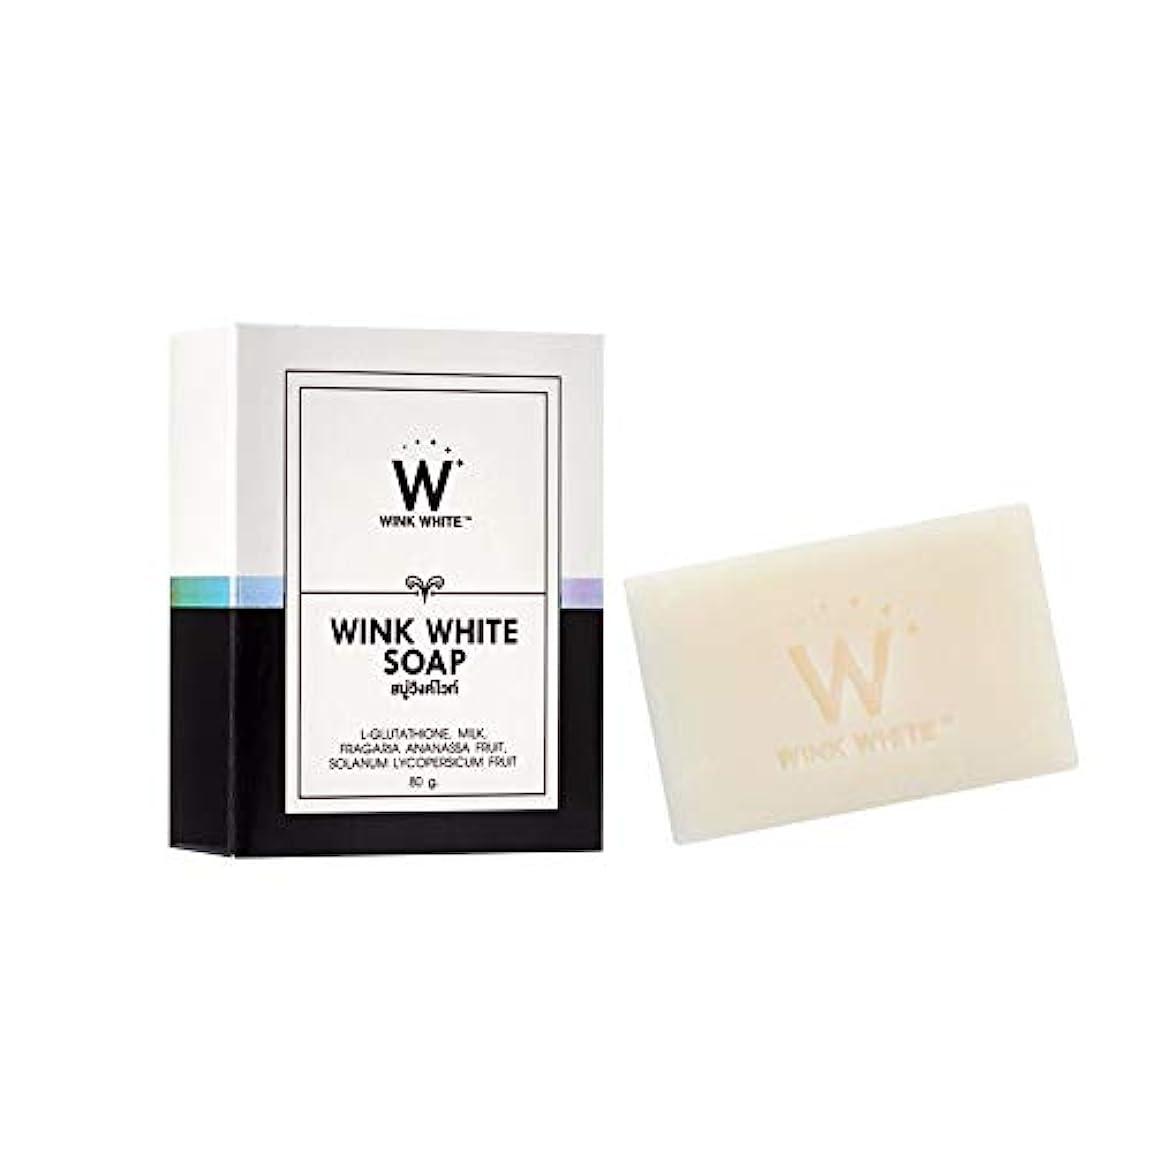 バズマイクロコンバーチブルSoap Net Nature White Soap Base Wink White Soap Gluta Pure Skin Body Whitening Strawberry for Whitening Skin All...